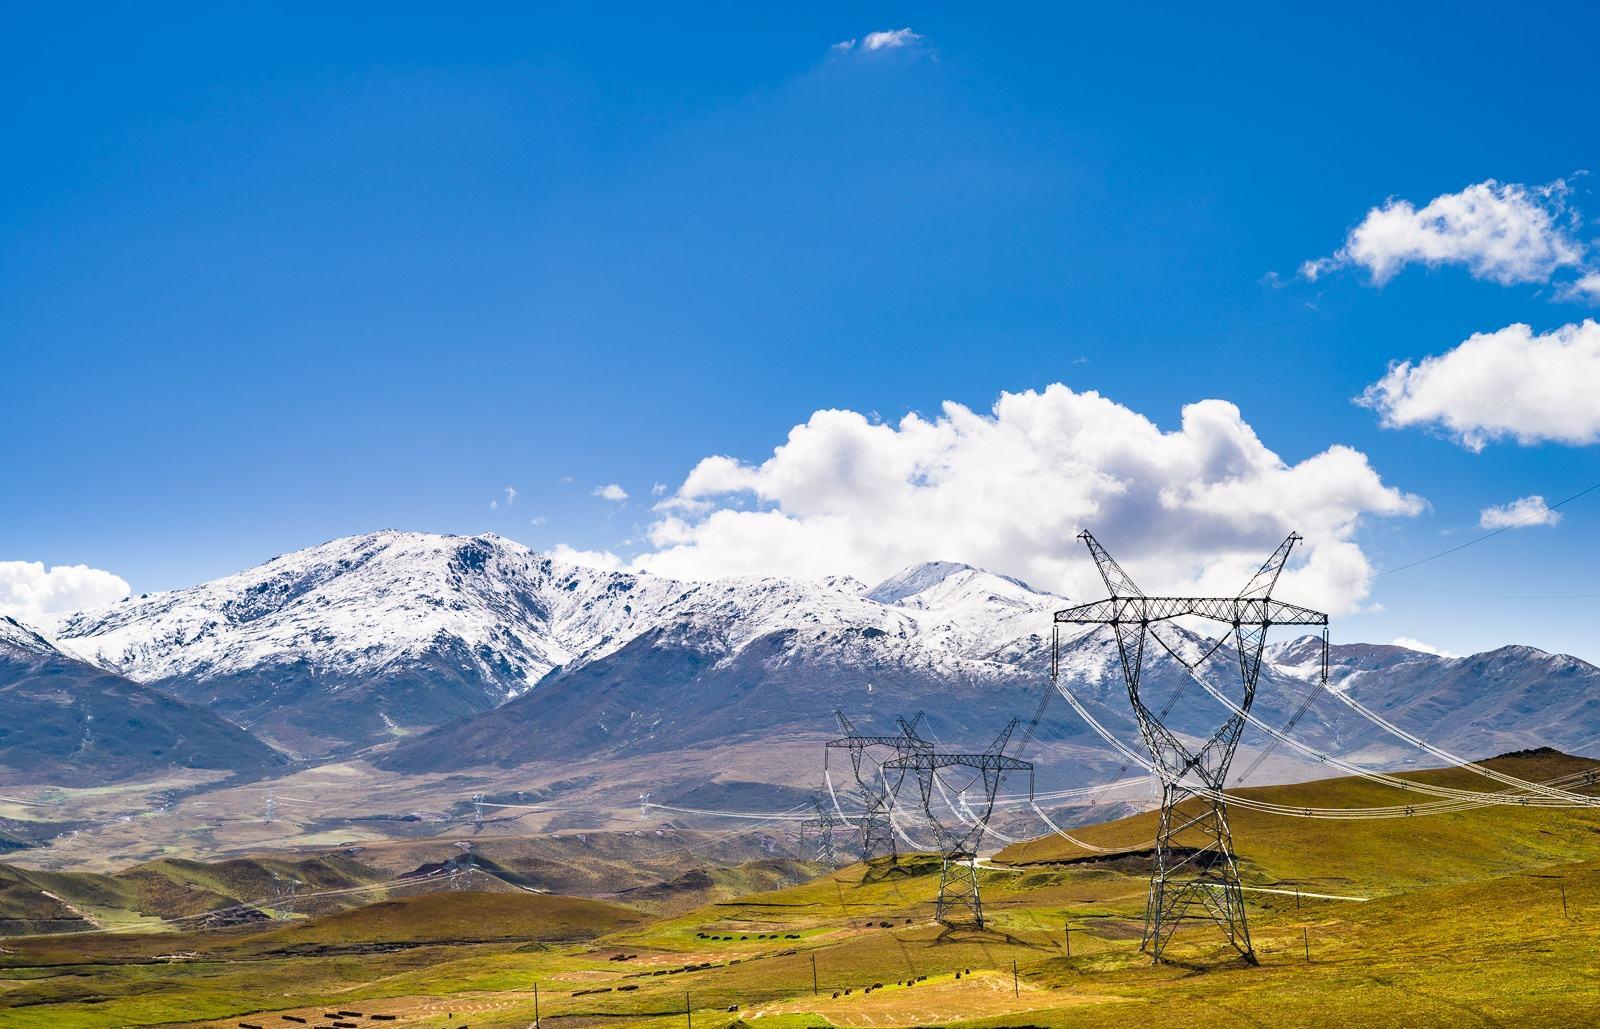 今年新疆电网拟投63.11亿元升级改造农村电网